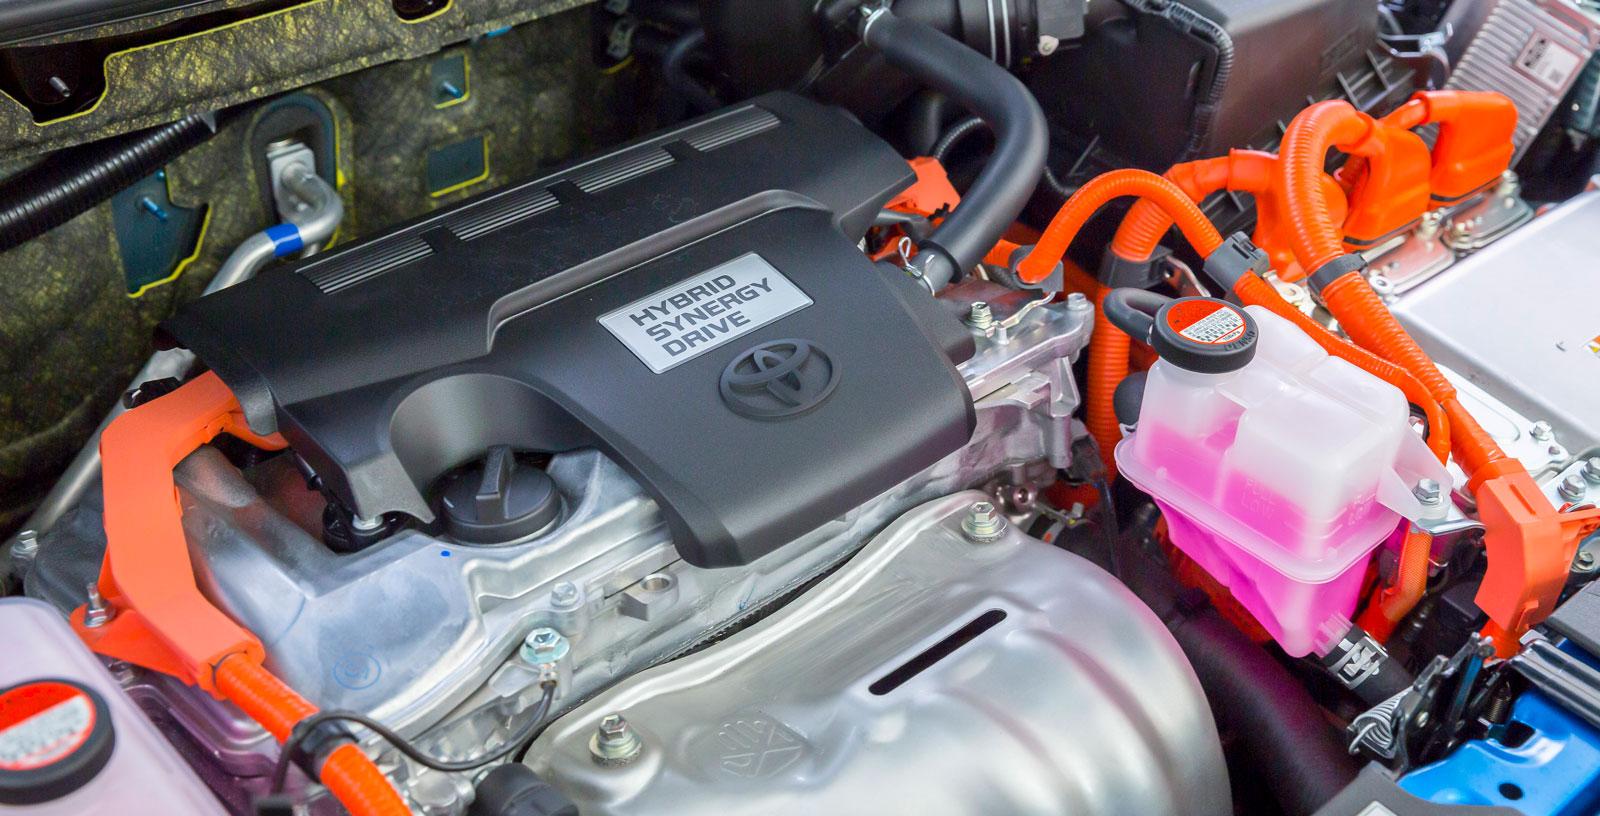 Toyotas färgglada motorrum inrymmer både bensin- och elmotor. Effekten är testets högsta och bilen har riktigt raska fartresurser när den pressas en smula – till priset av ett oskönt, råmande motorljud. På tomgång är motorkombinationen desto mer tystlåten.